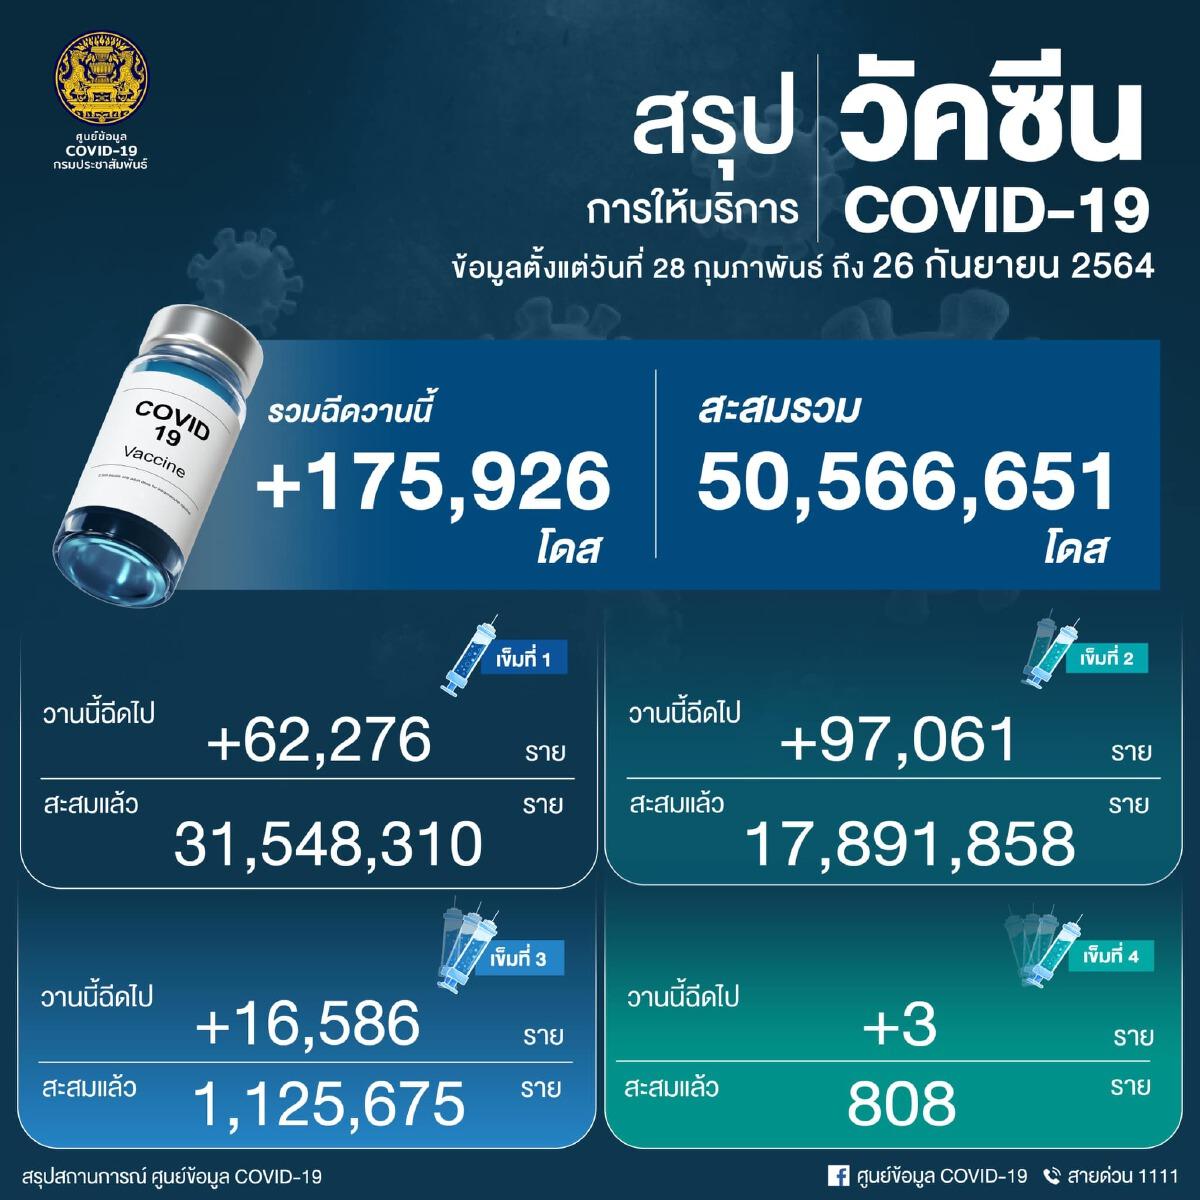 ด่วน! ยอด โควิด-19 วันนี้ พบติดเพิ่ม 9,489 ราย เสียชีวิต 129 ราย ATK อีก 6,855 ราย